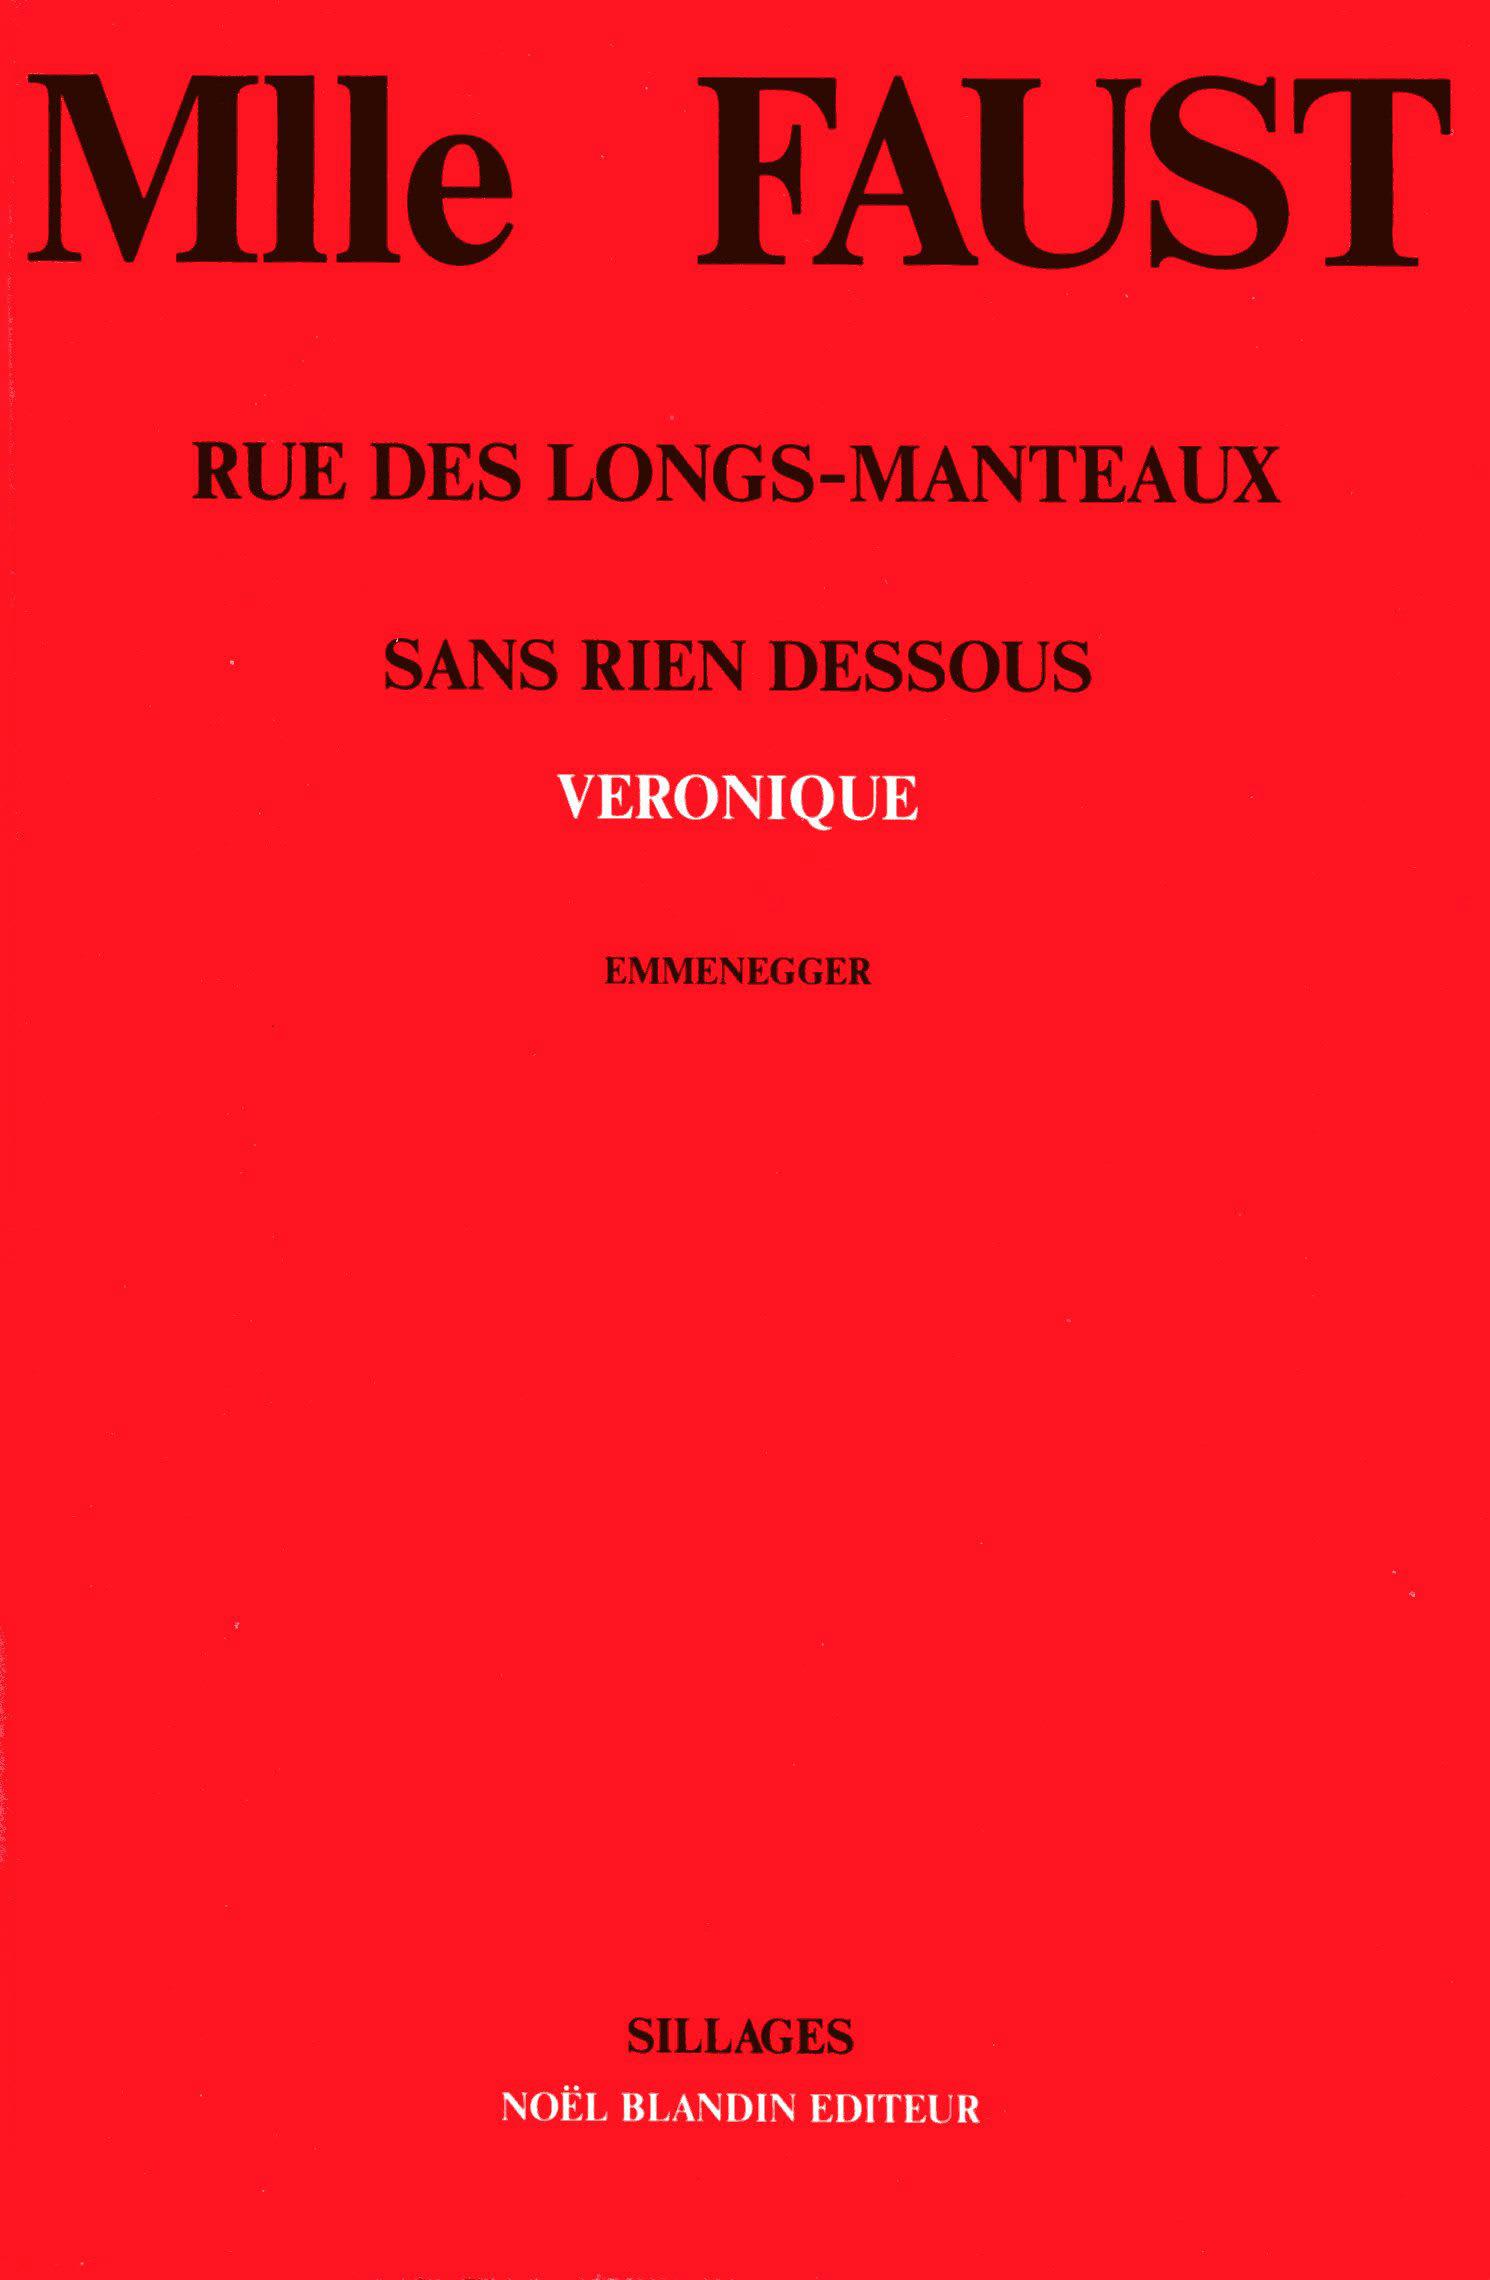 Mlle Faust – L'Hebdo, 10 décembre 1987